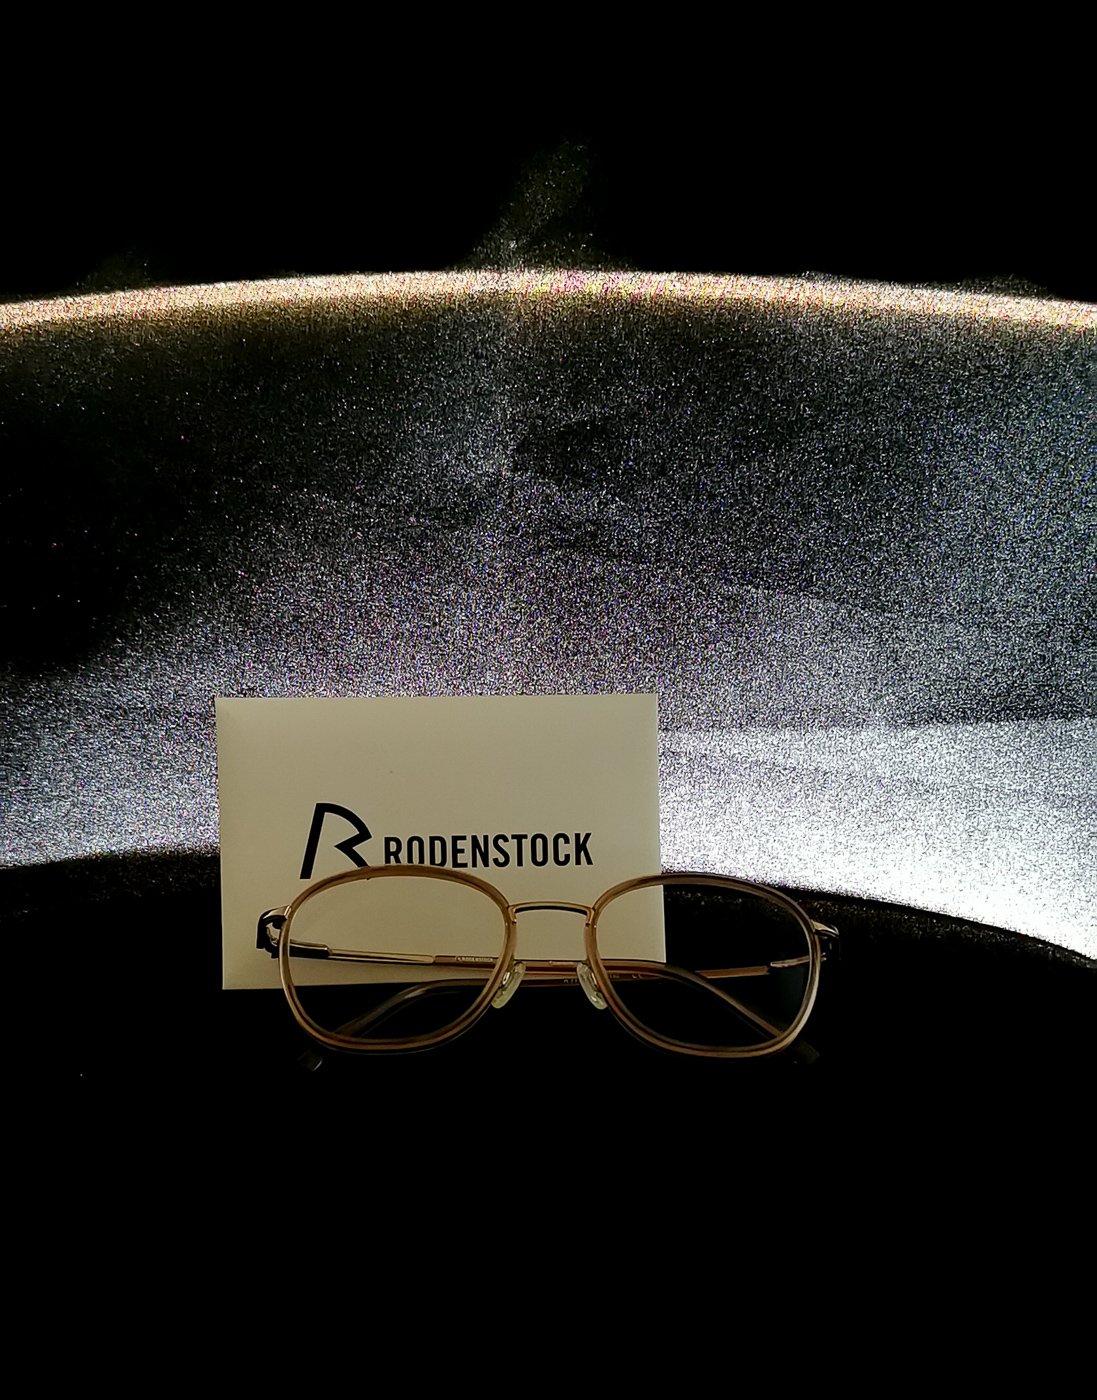 conny doll lifestyle: DNeye-Scanner von Rodenstock, Gleitsichtbrille, Maßfertigung, Augenvermessung